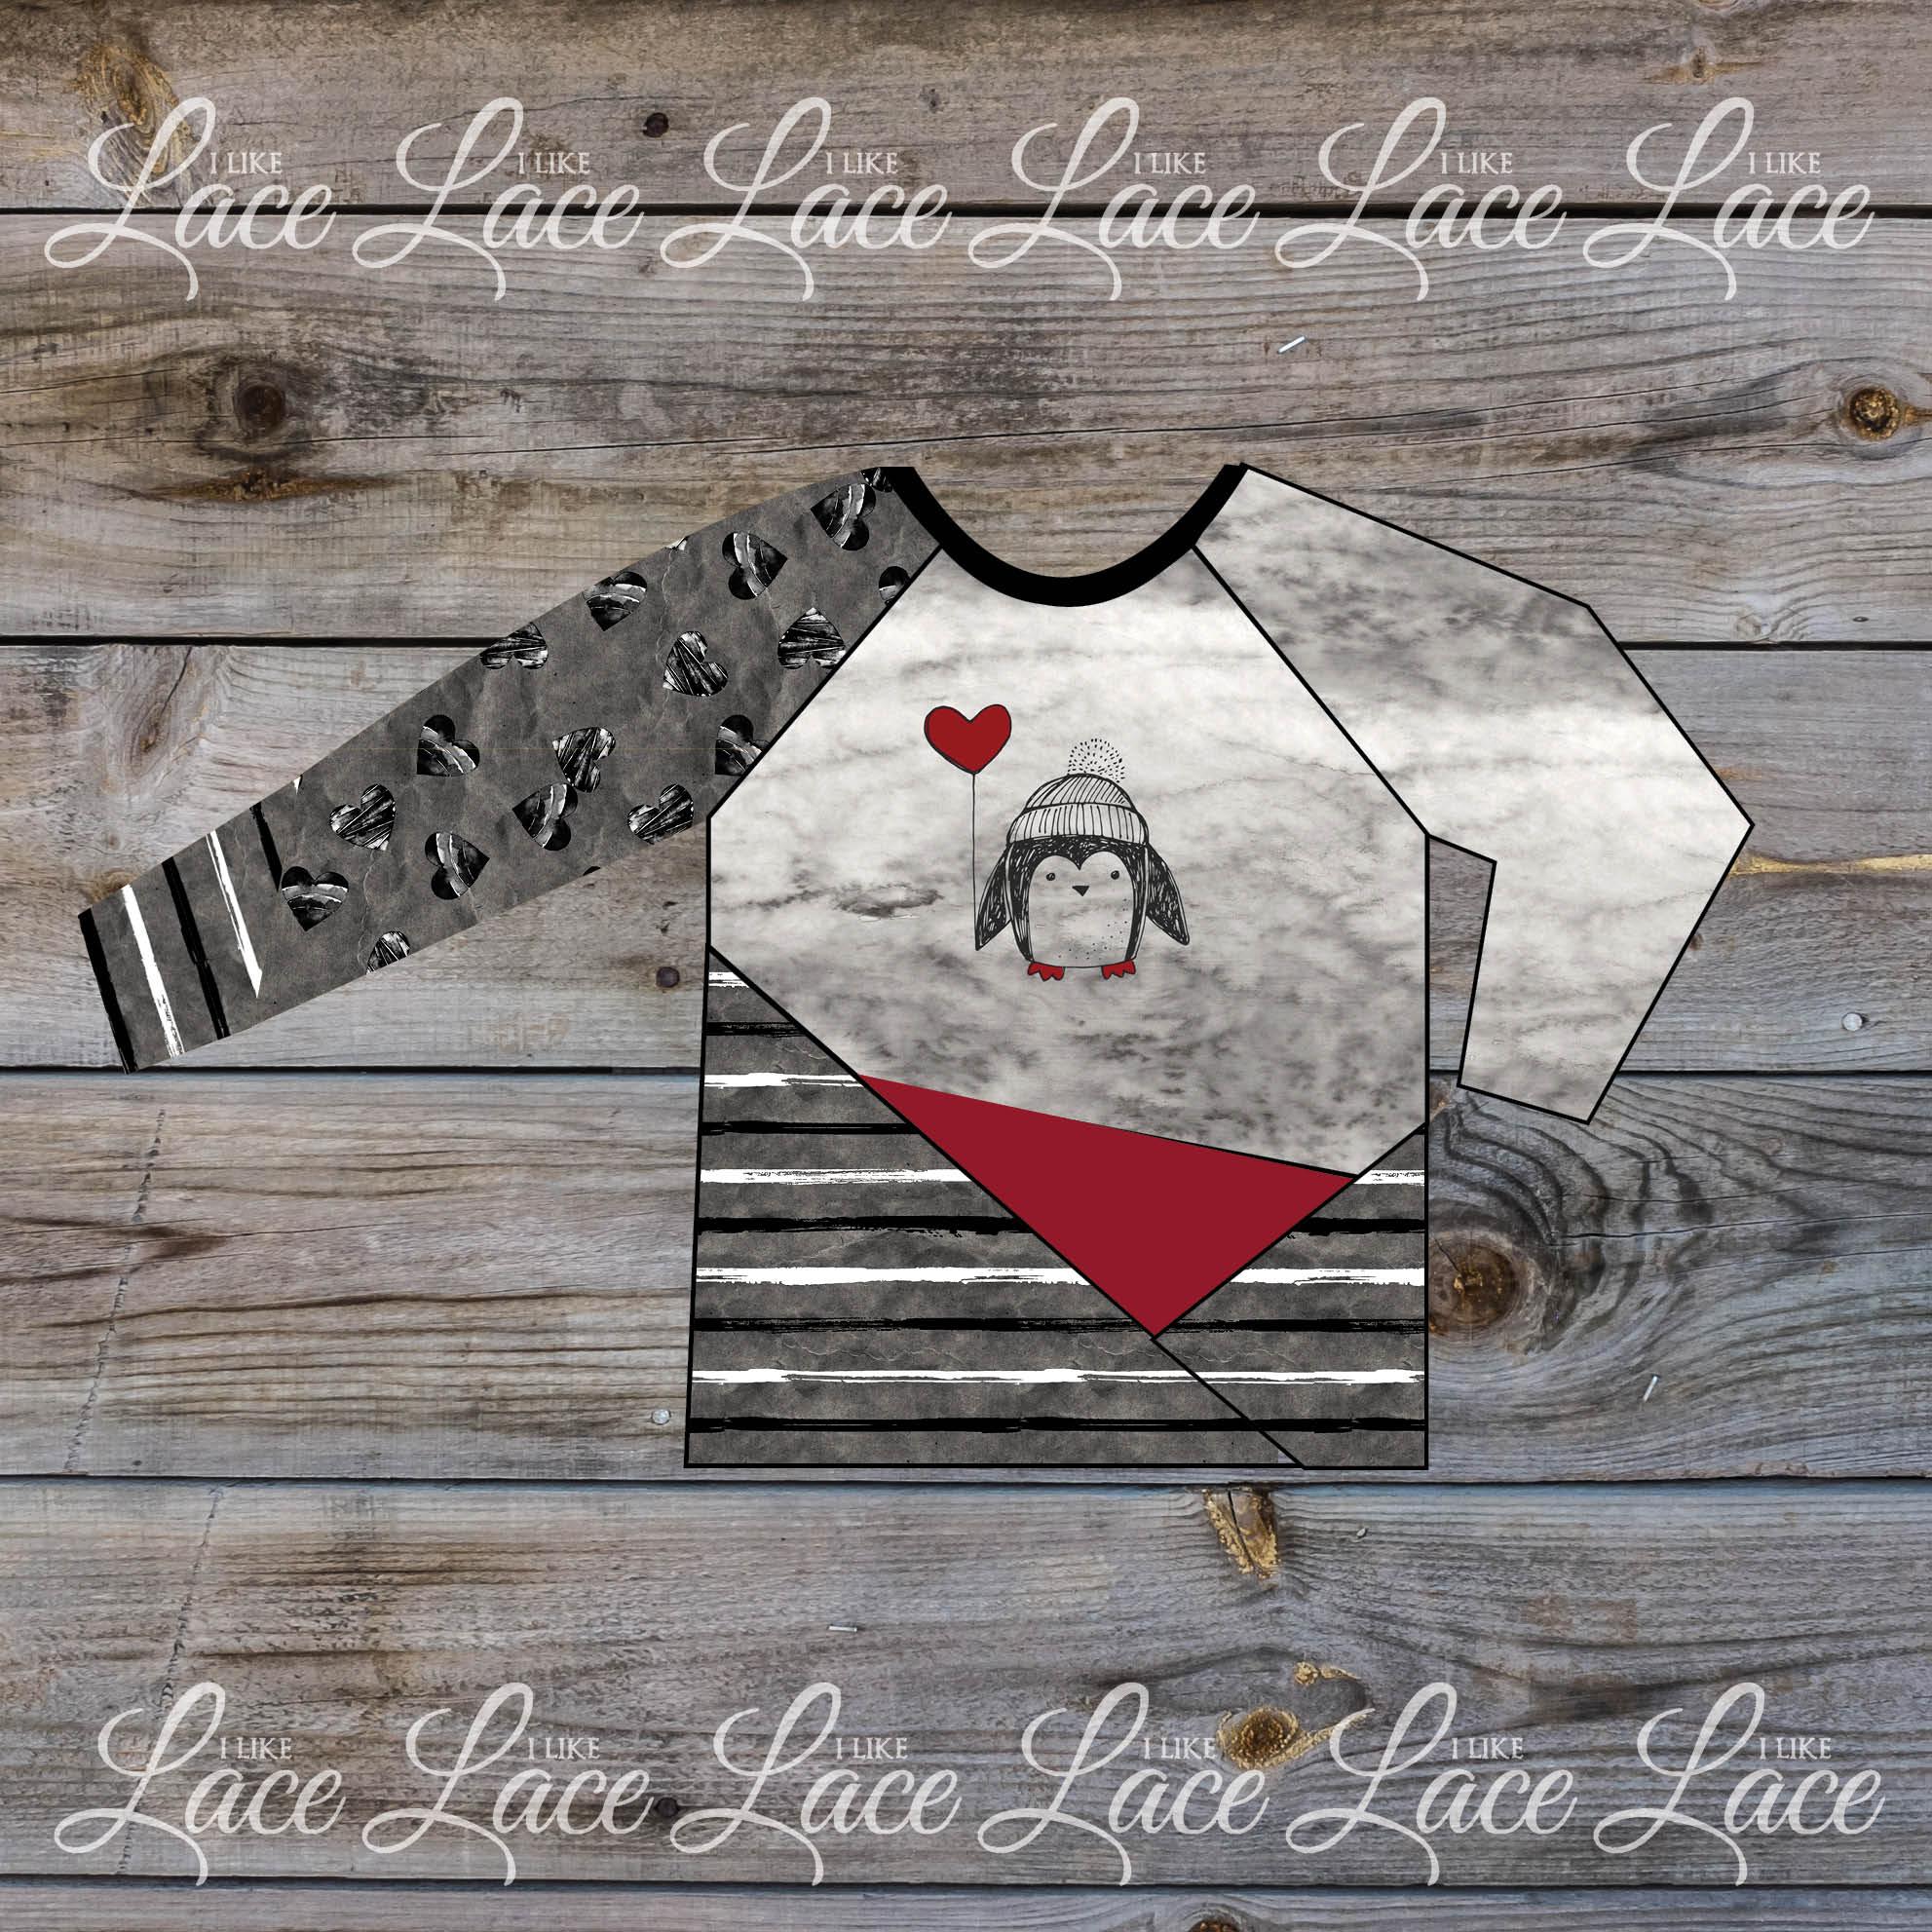 x kite shirt2